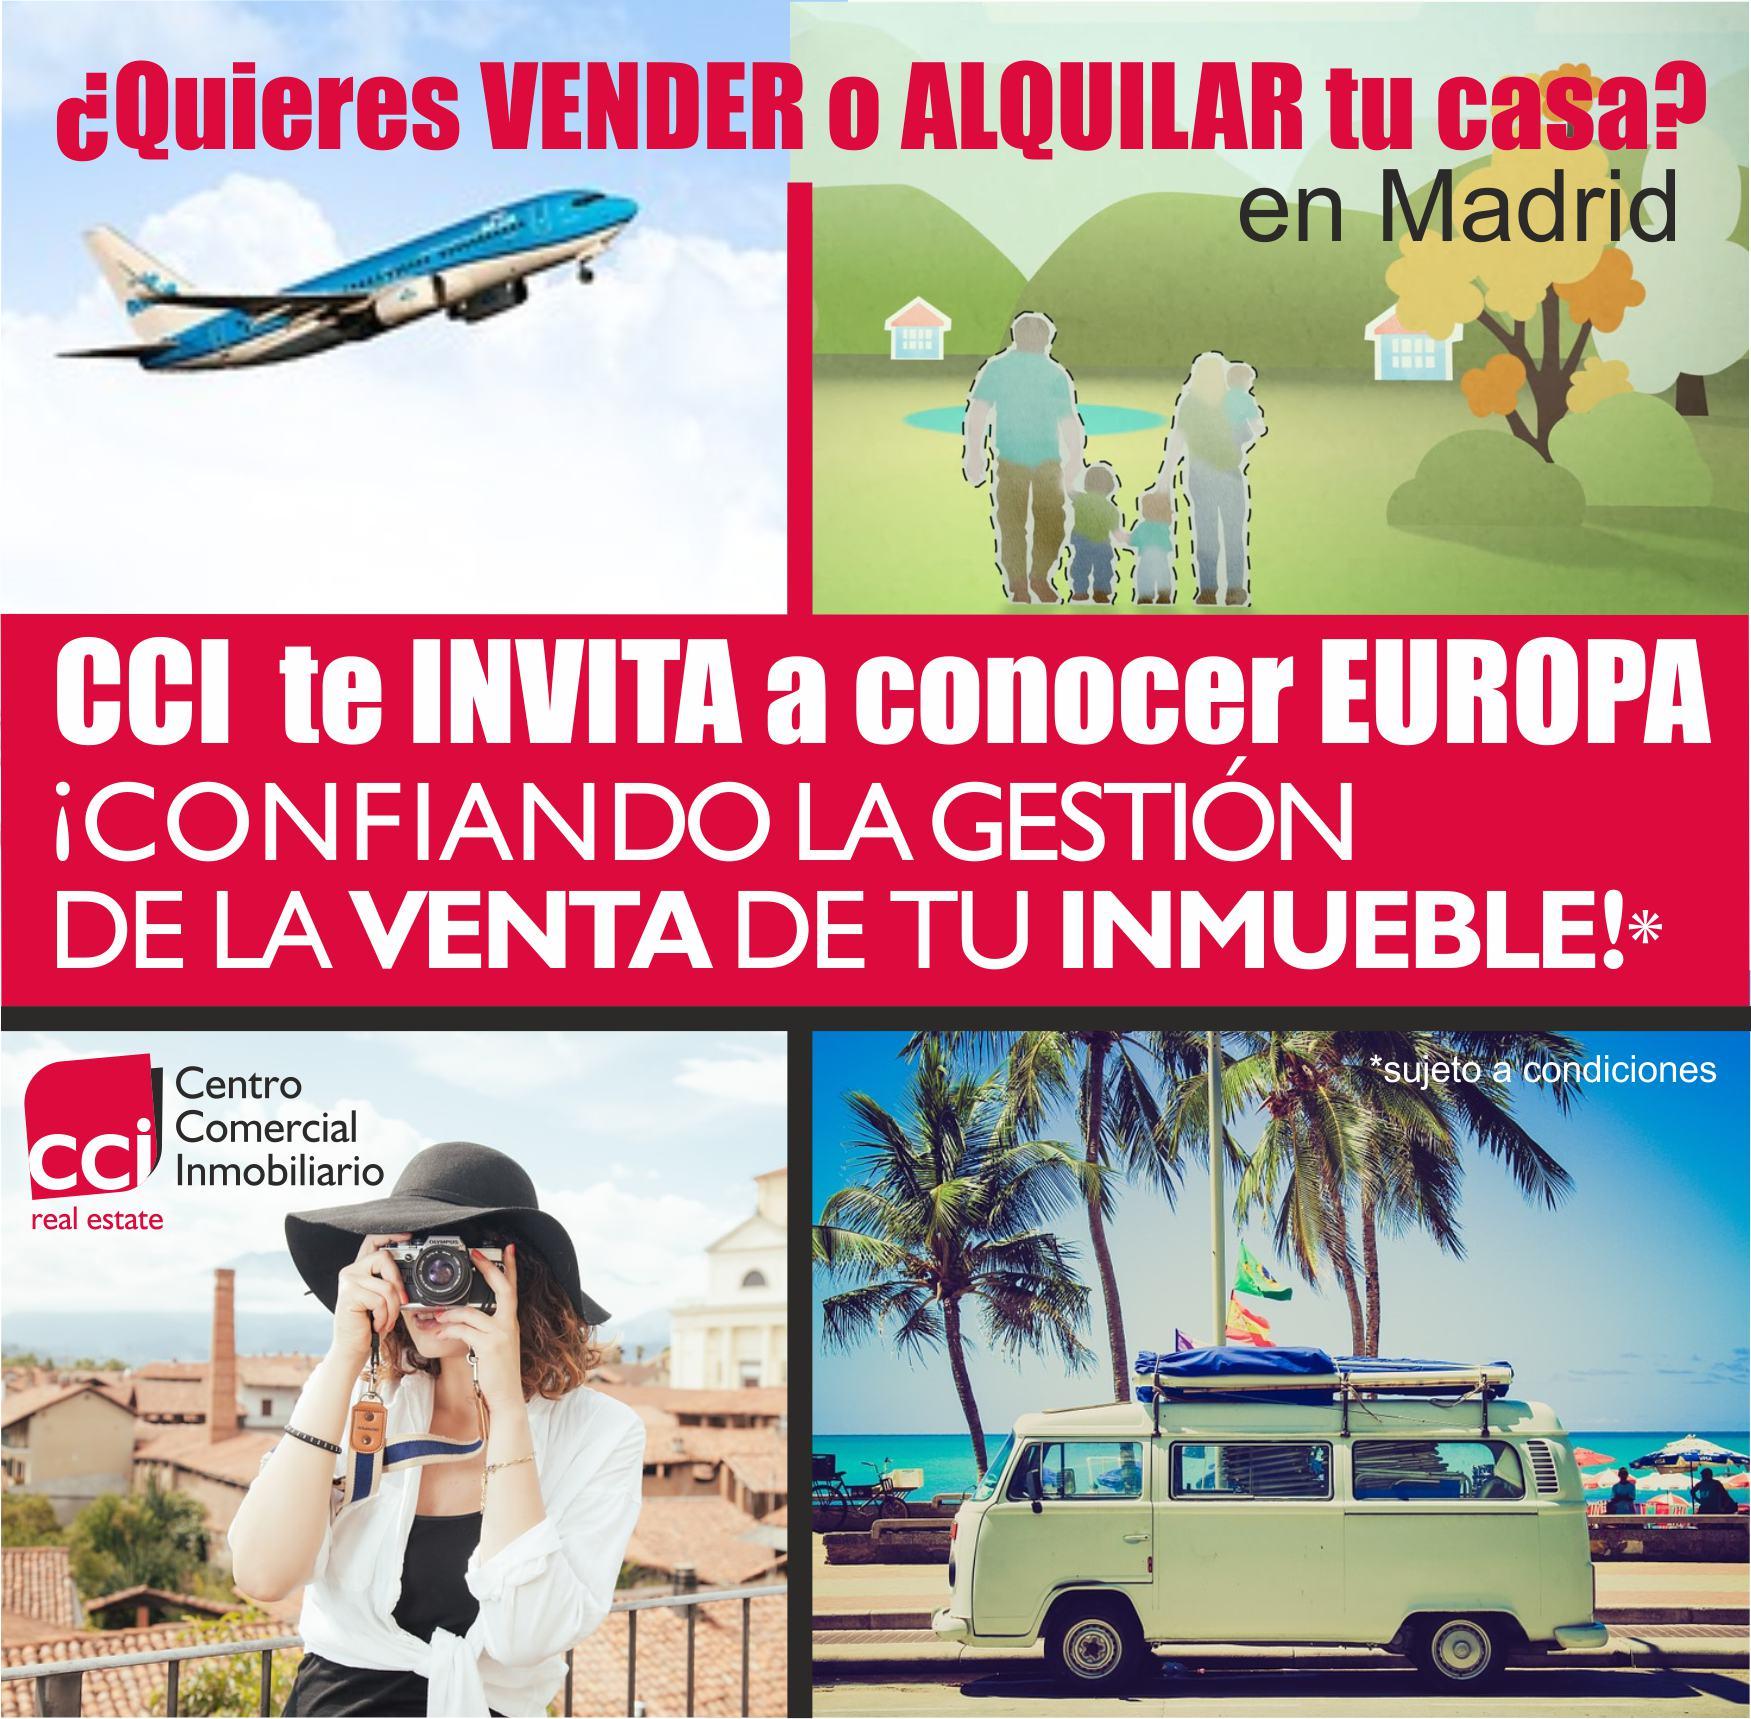 viaja a Europa con CCI